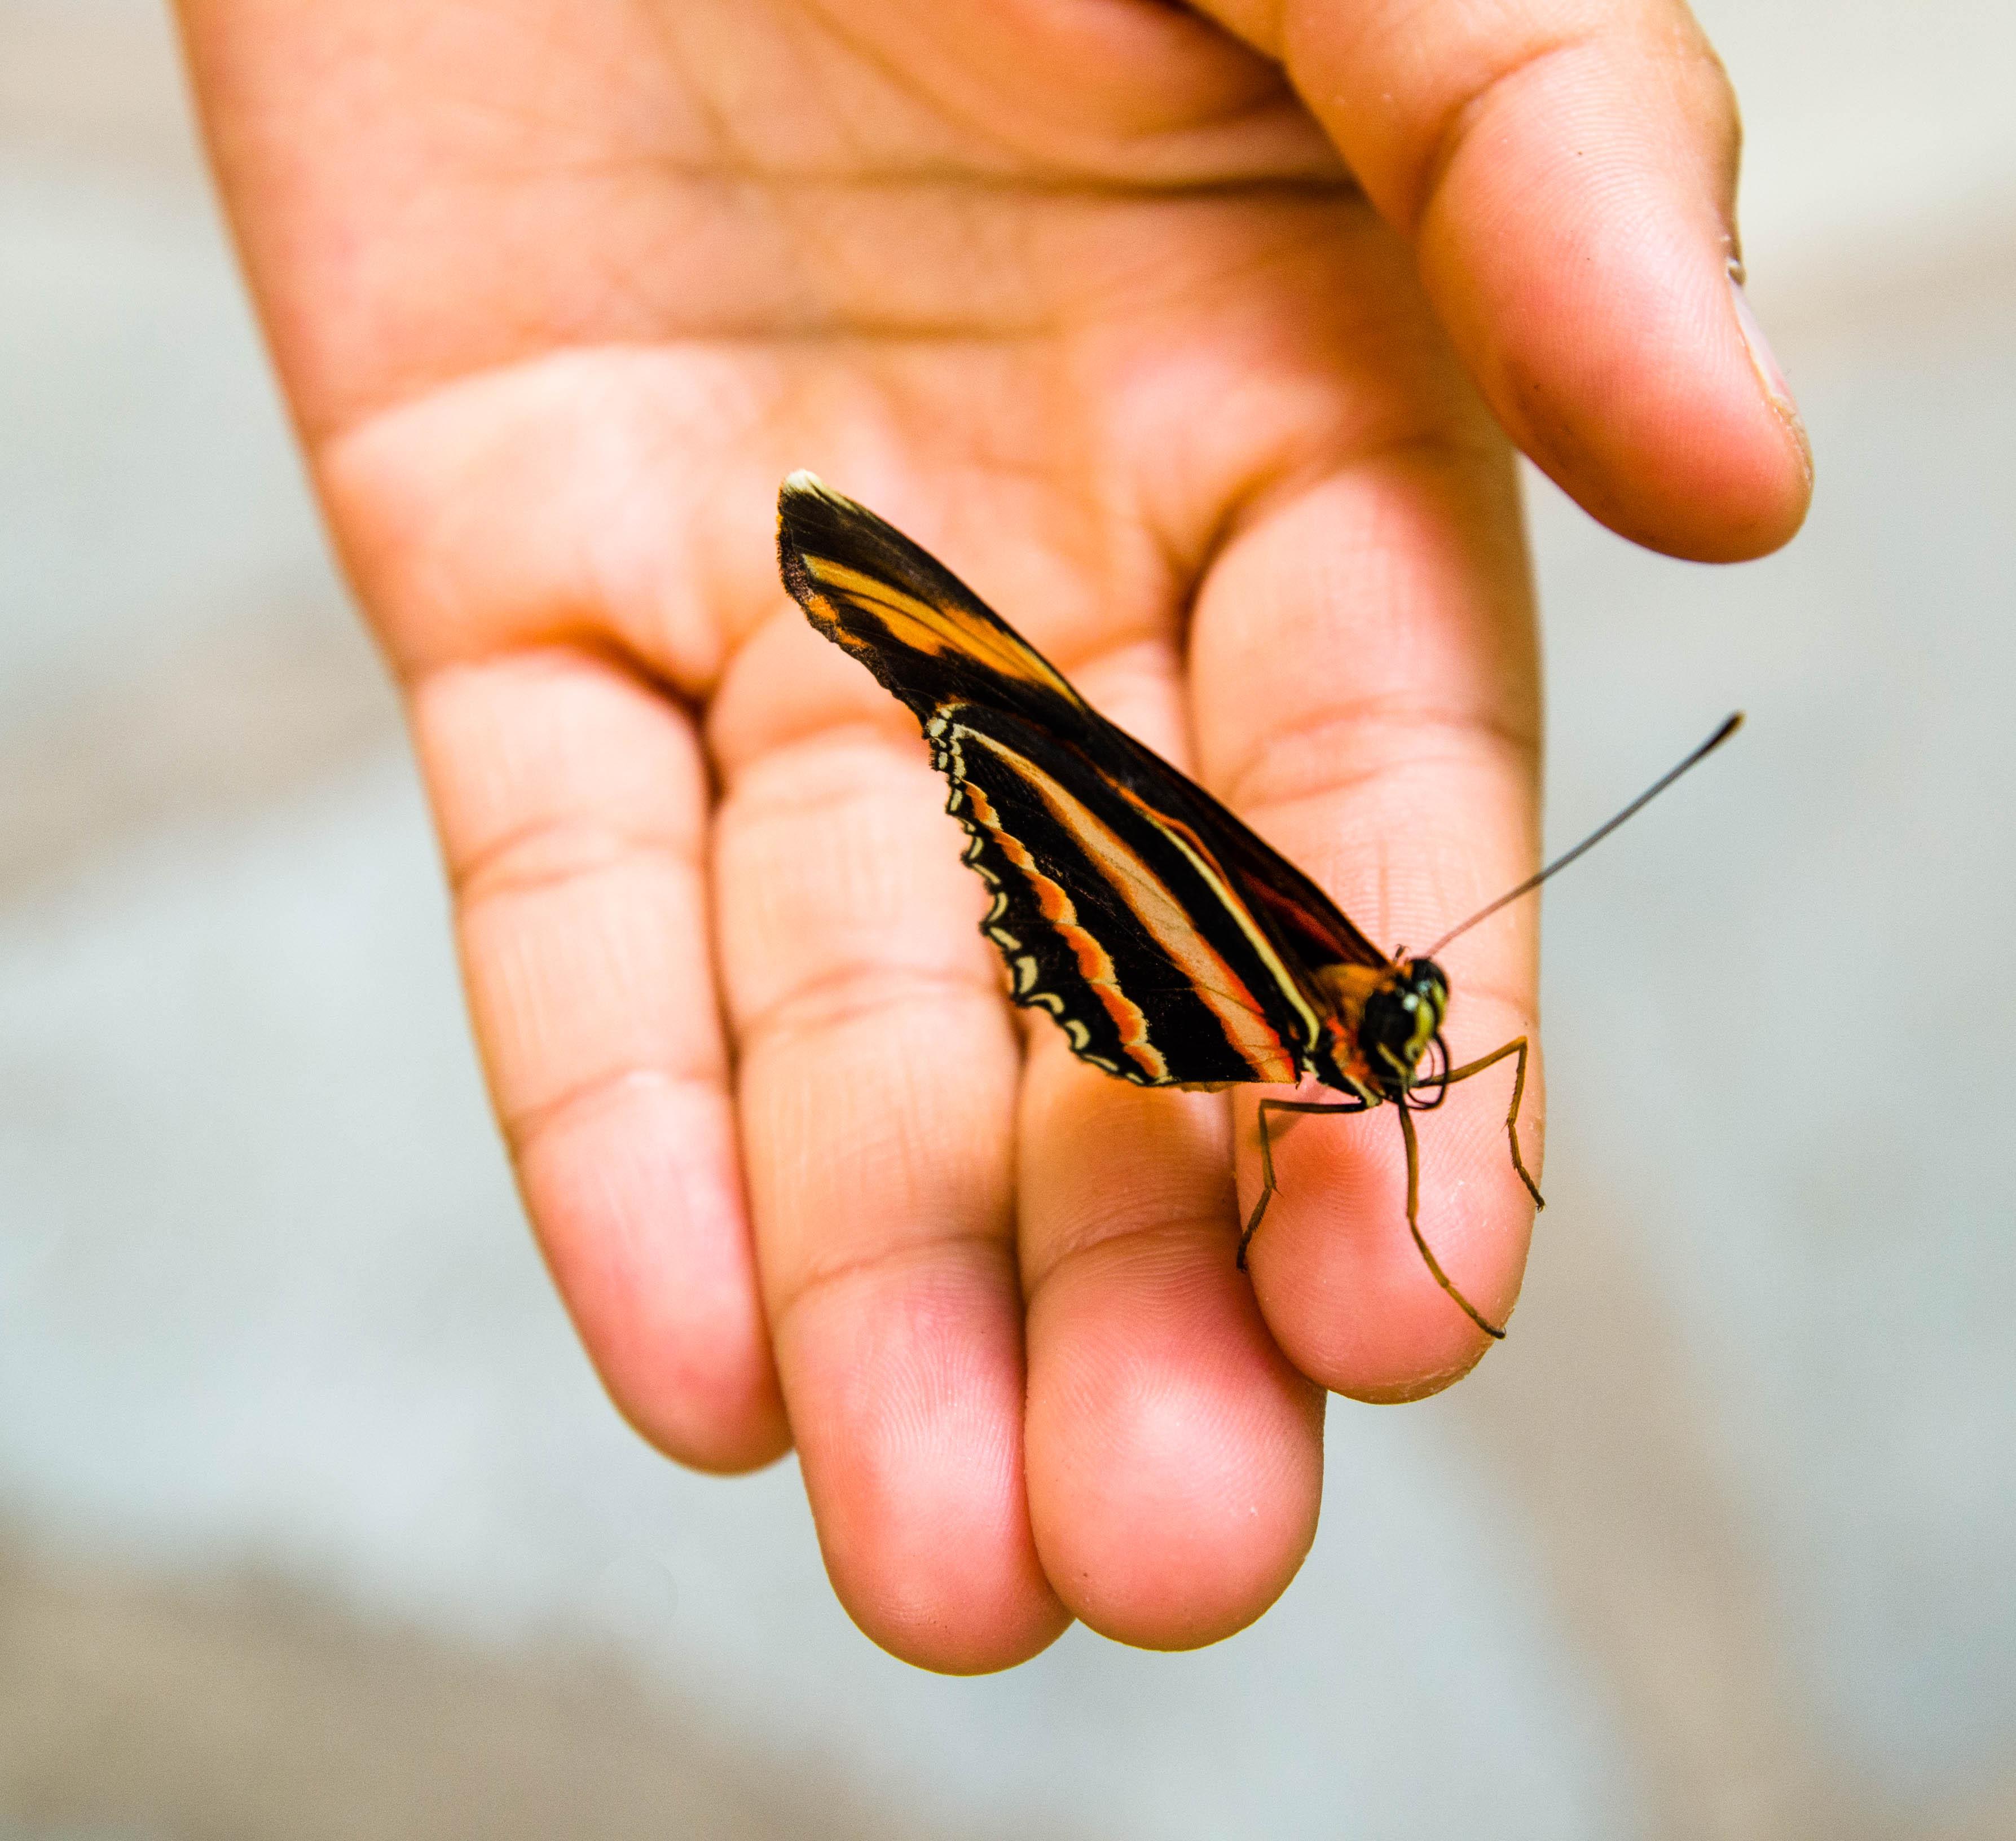 En randig fjäril på ett finger